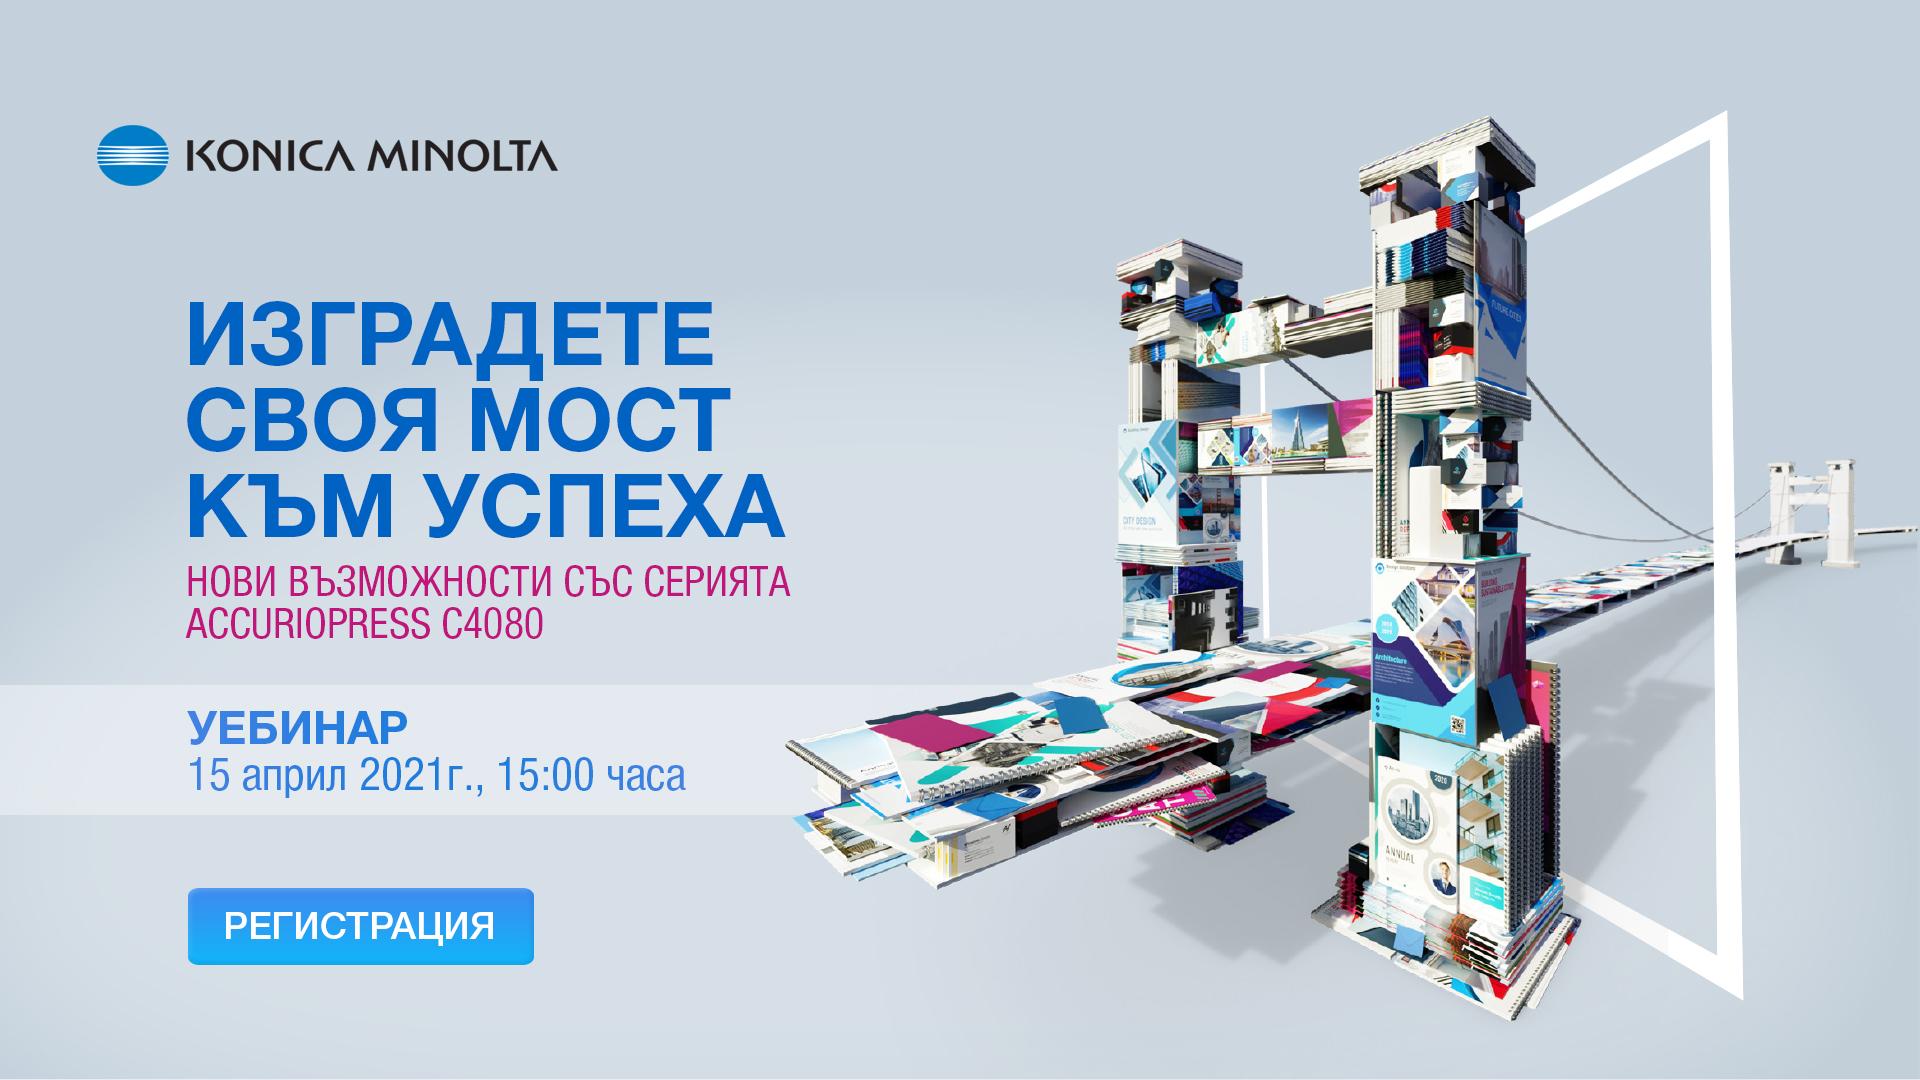 Уебинар за възможностите на дигиталната печатна машина AccurioPress C4080